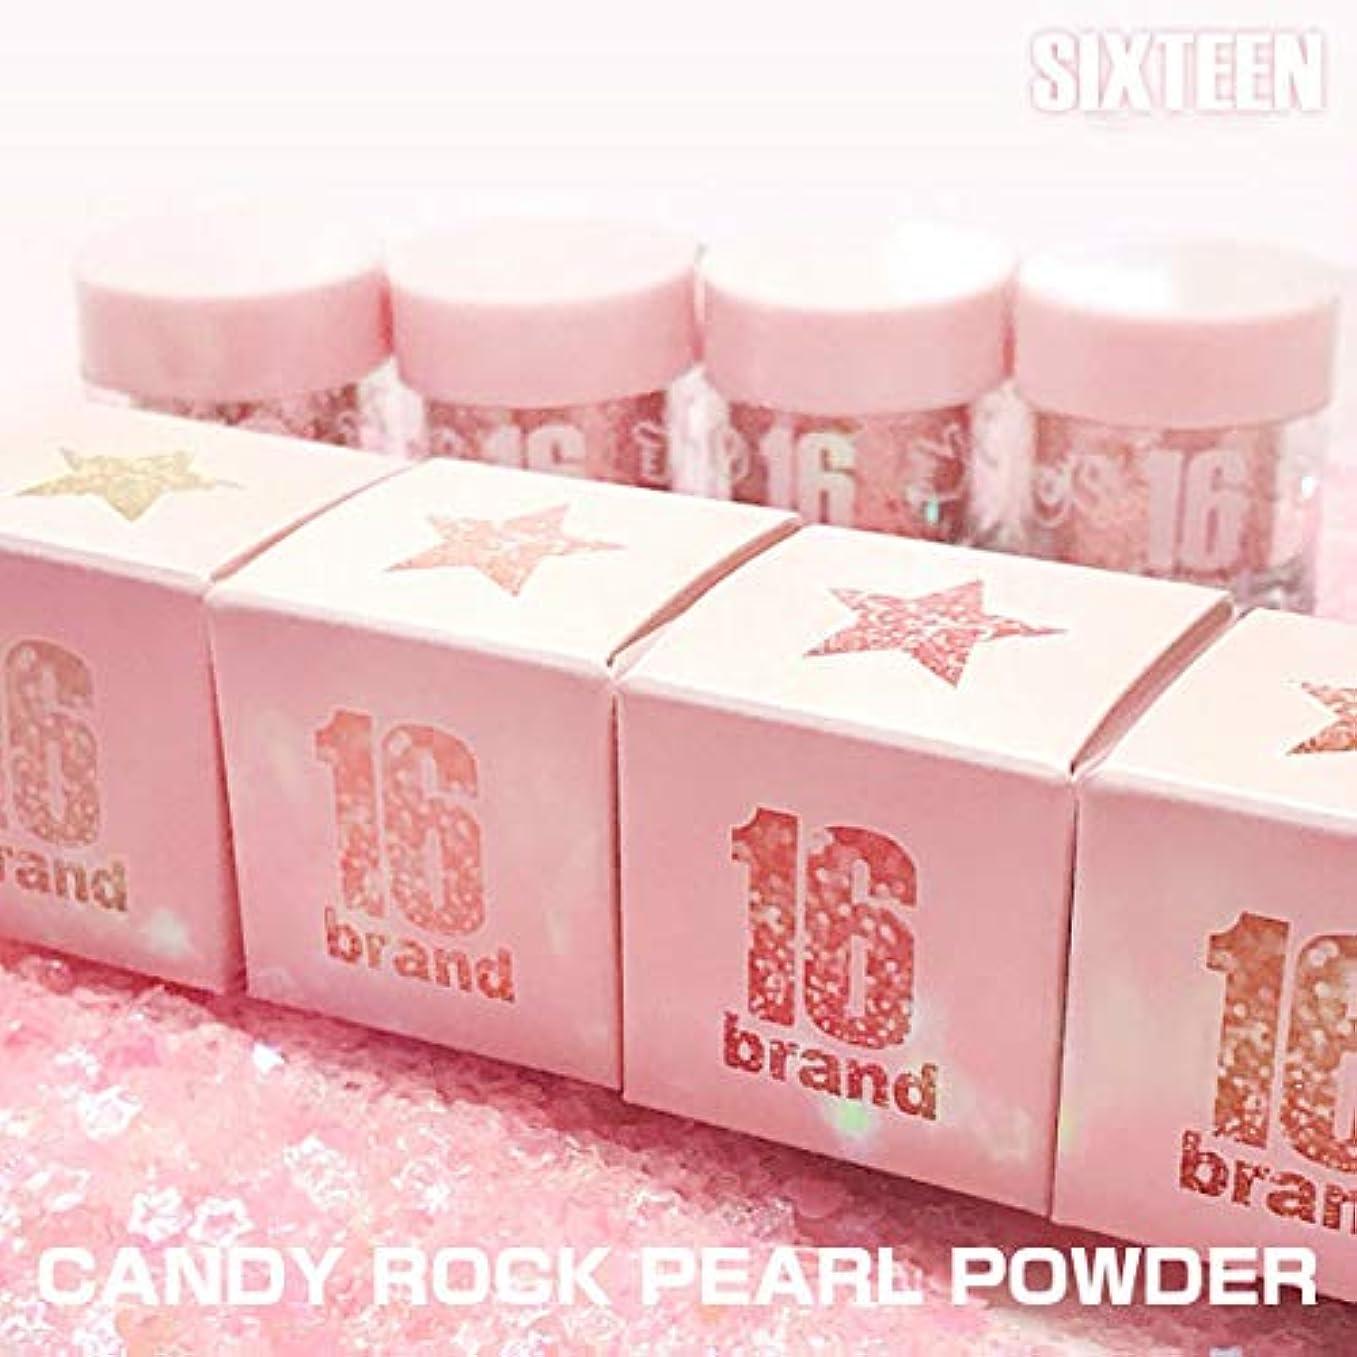 正直最初更新大韓民国 16ブランド キャンディーロックパルパウダー ウィスキー 1.8G